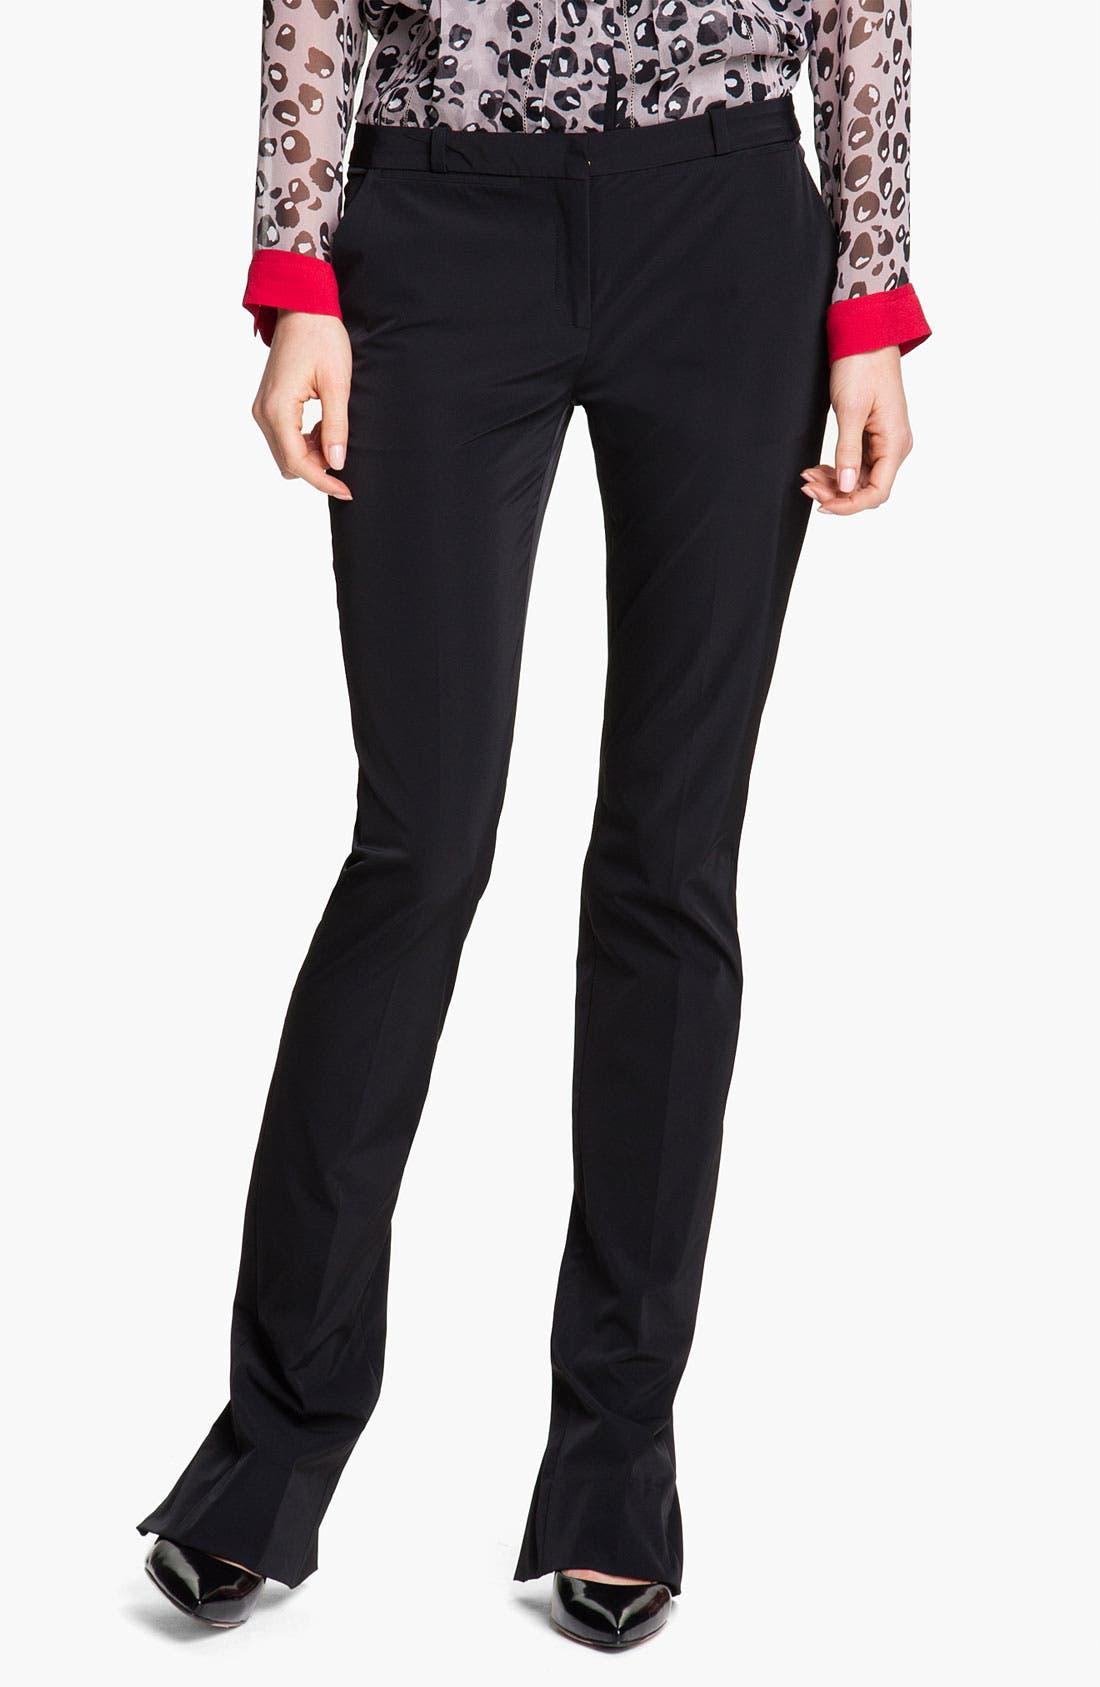 Main Image - Diane von Furstenberg 'Annabelle' Zip Hem Pants